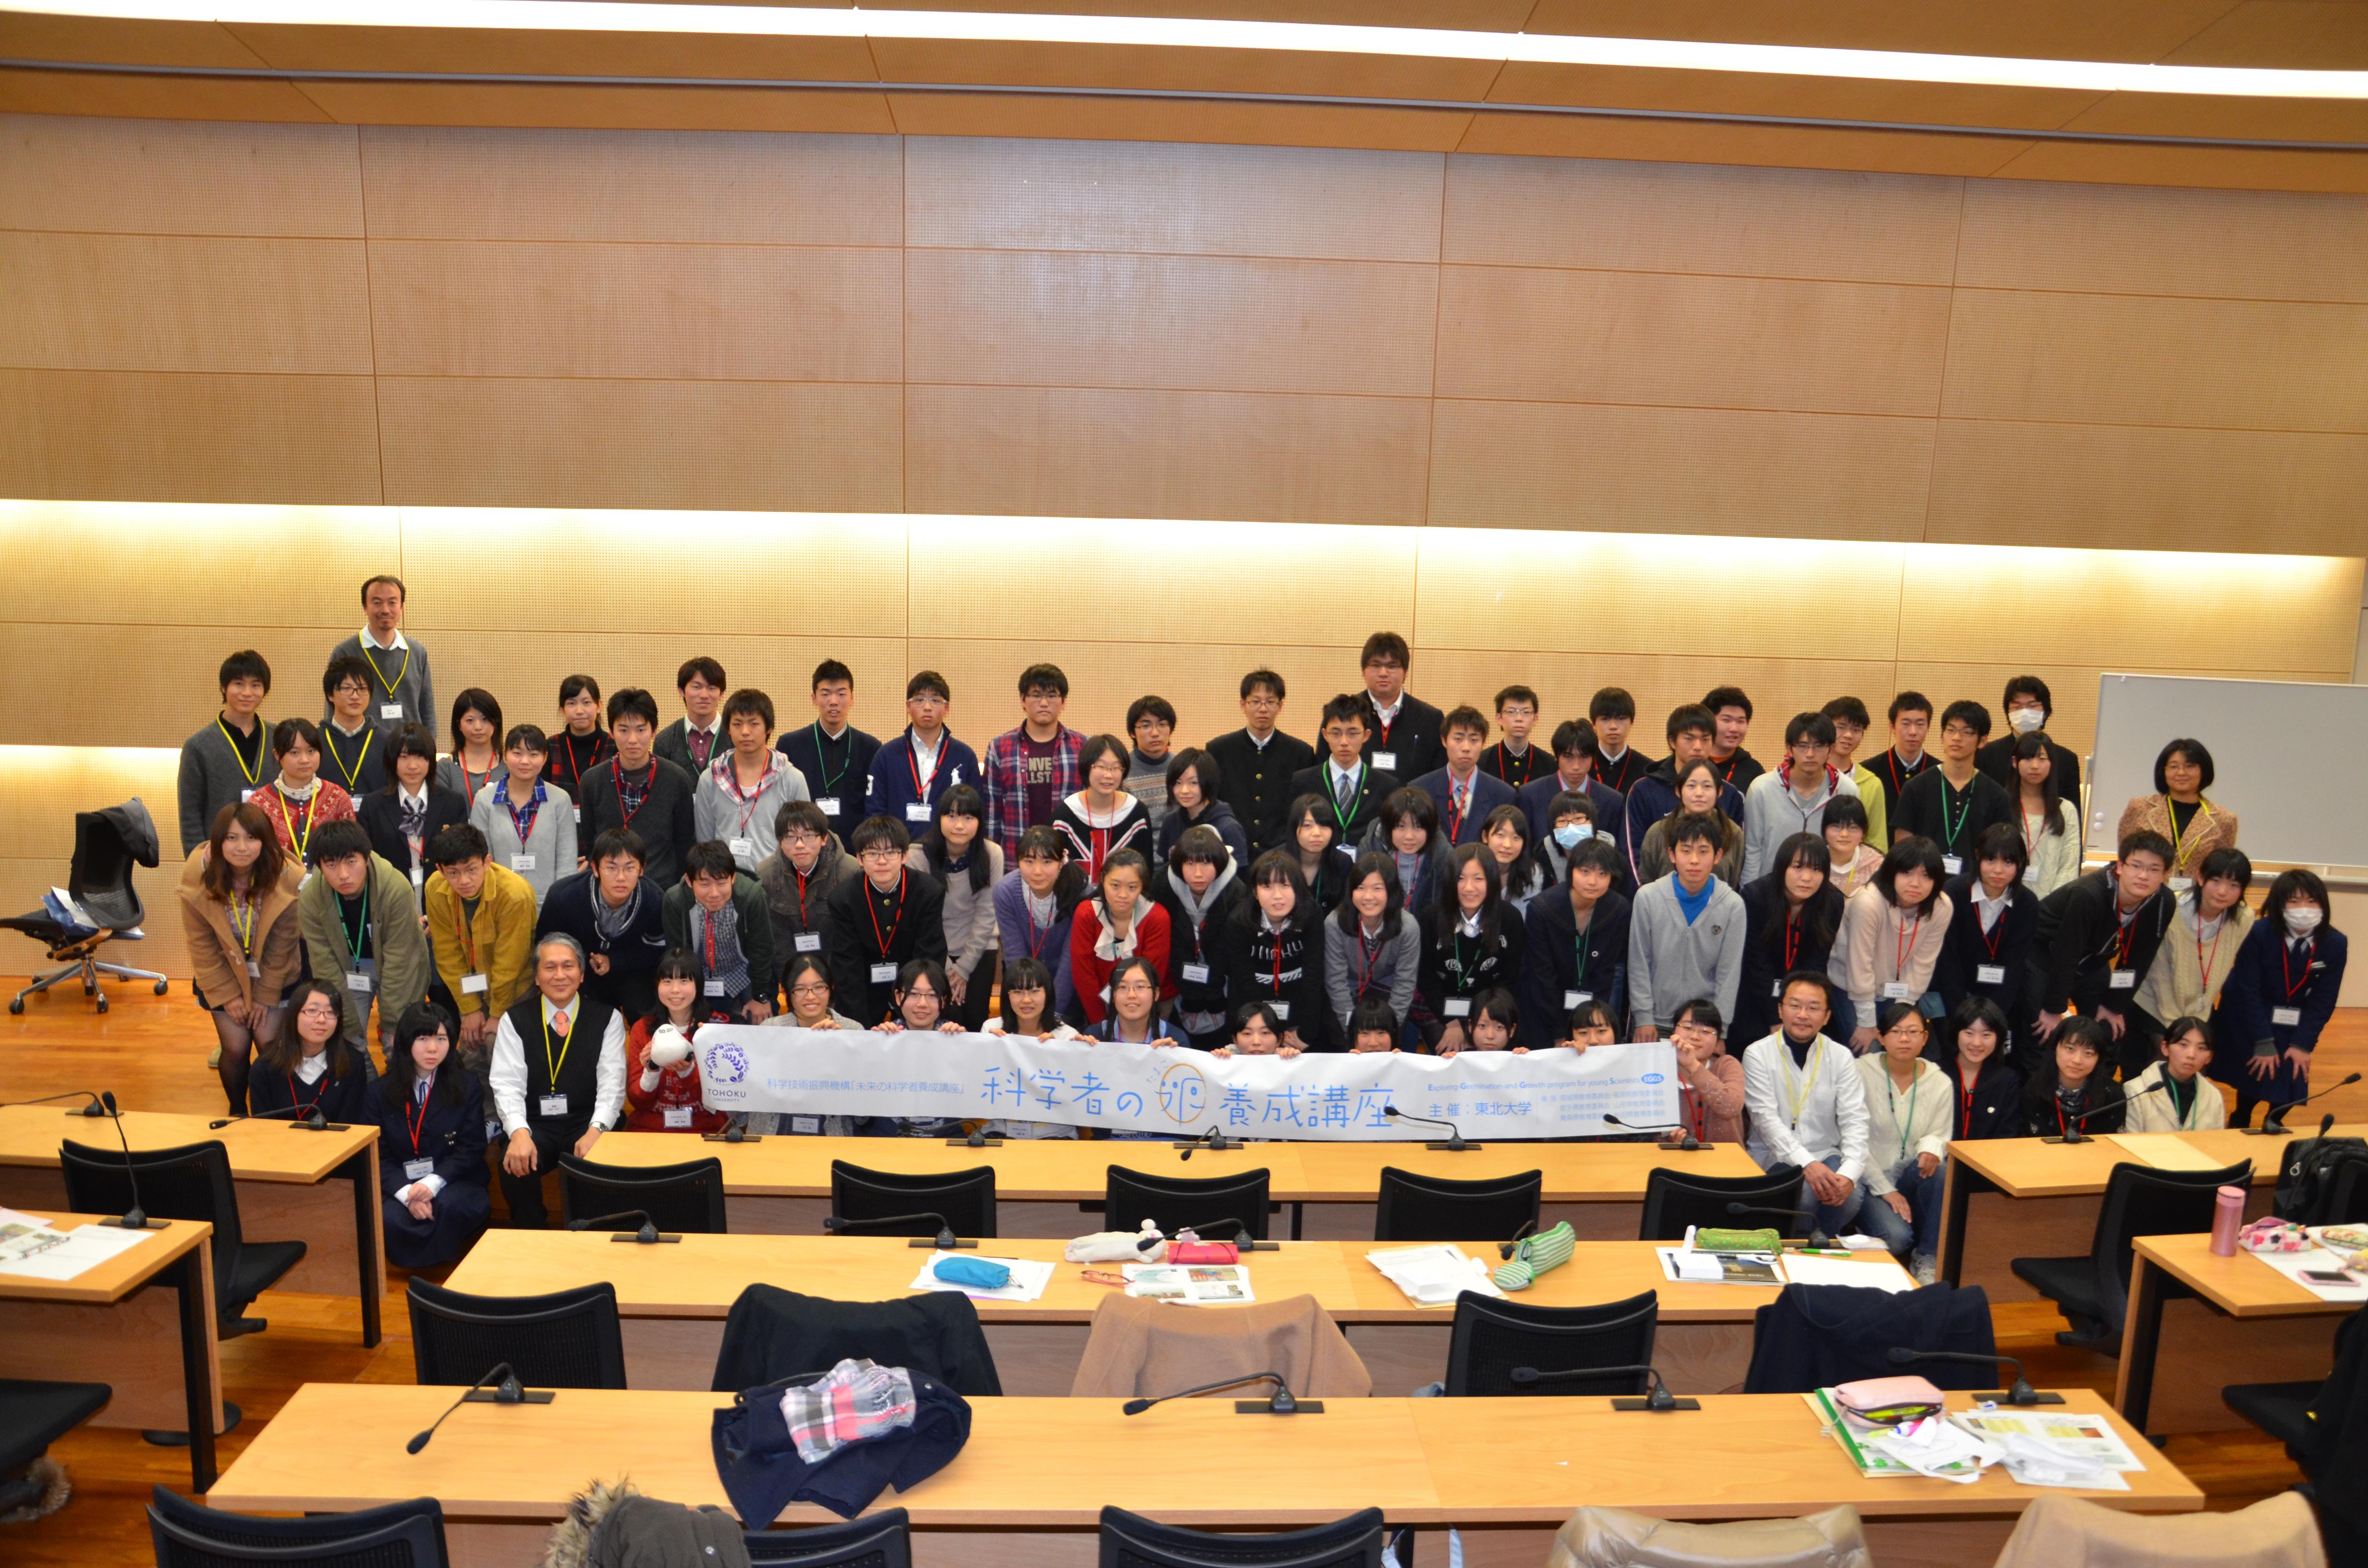 http://www.ige.tohoku.ac.jp/mirai/news/upload_items/201312/053.JPG